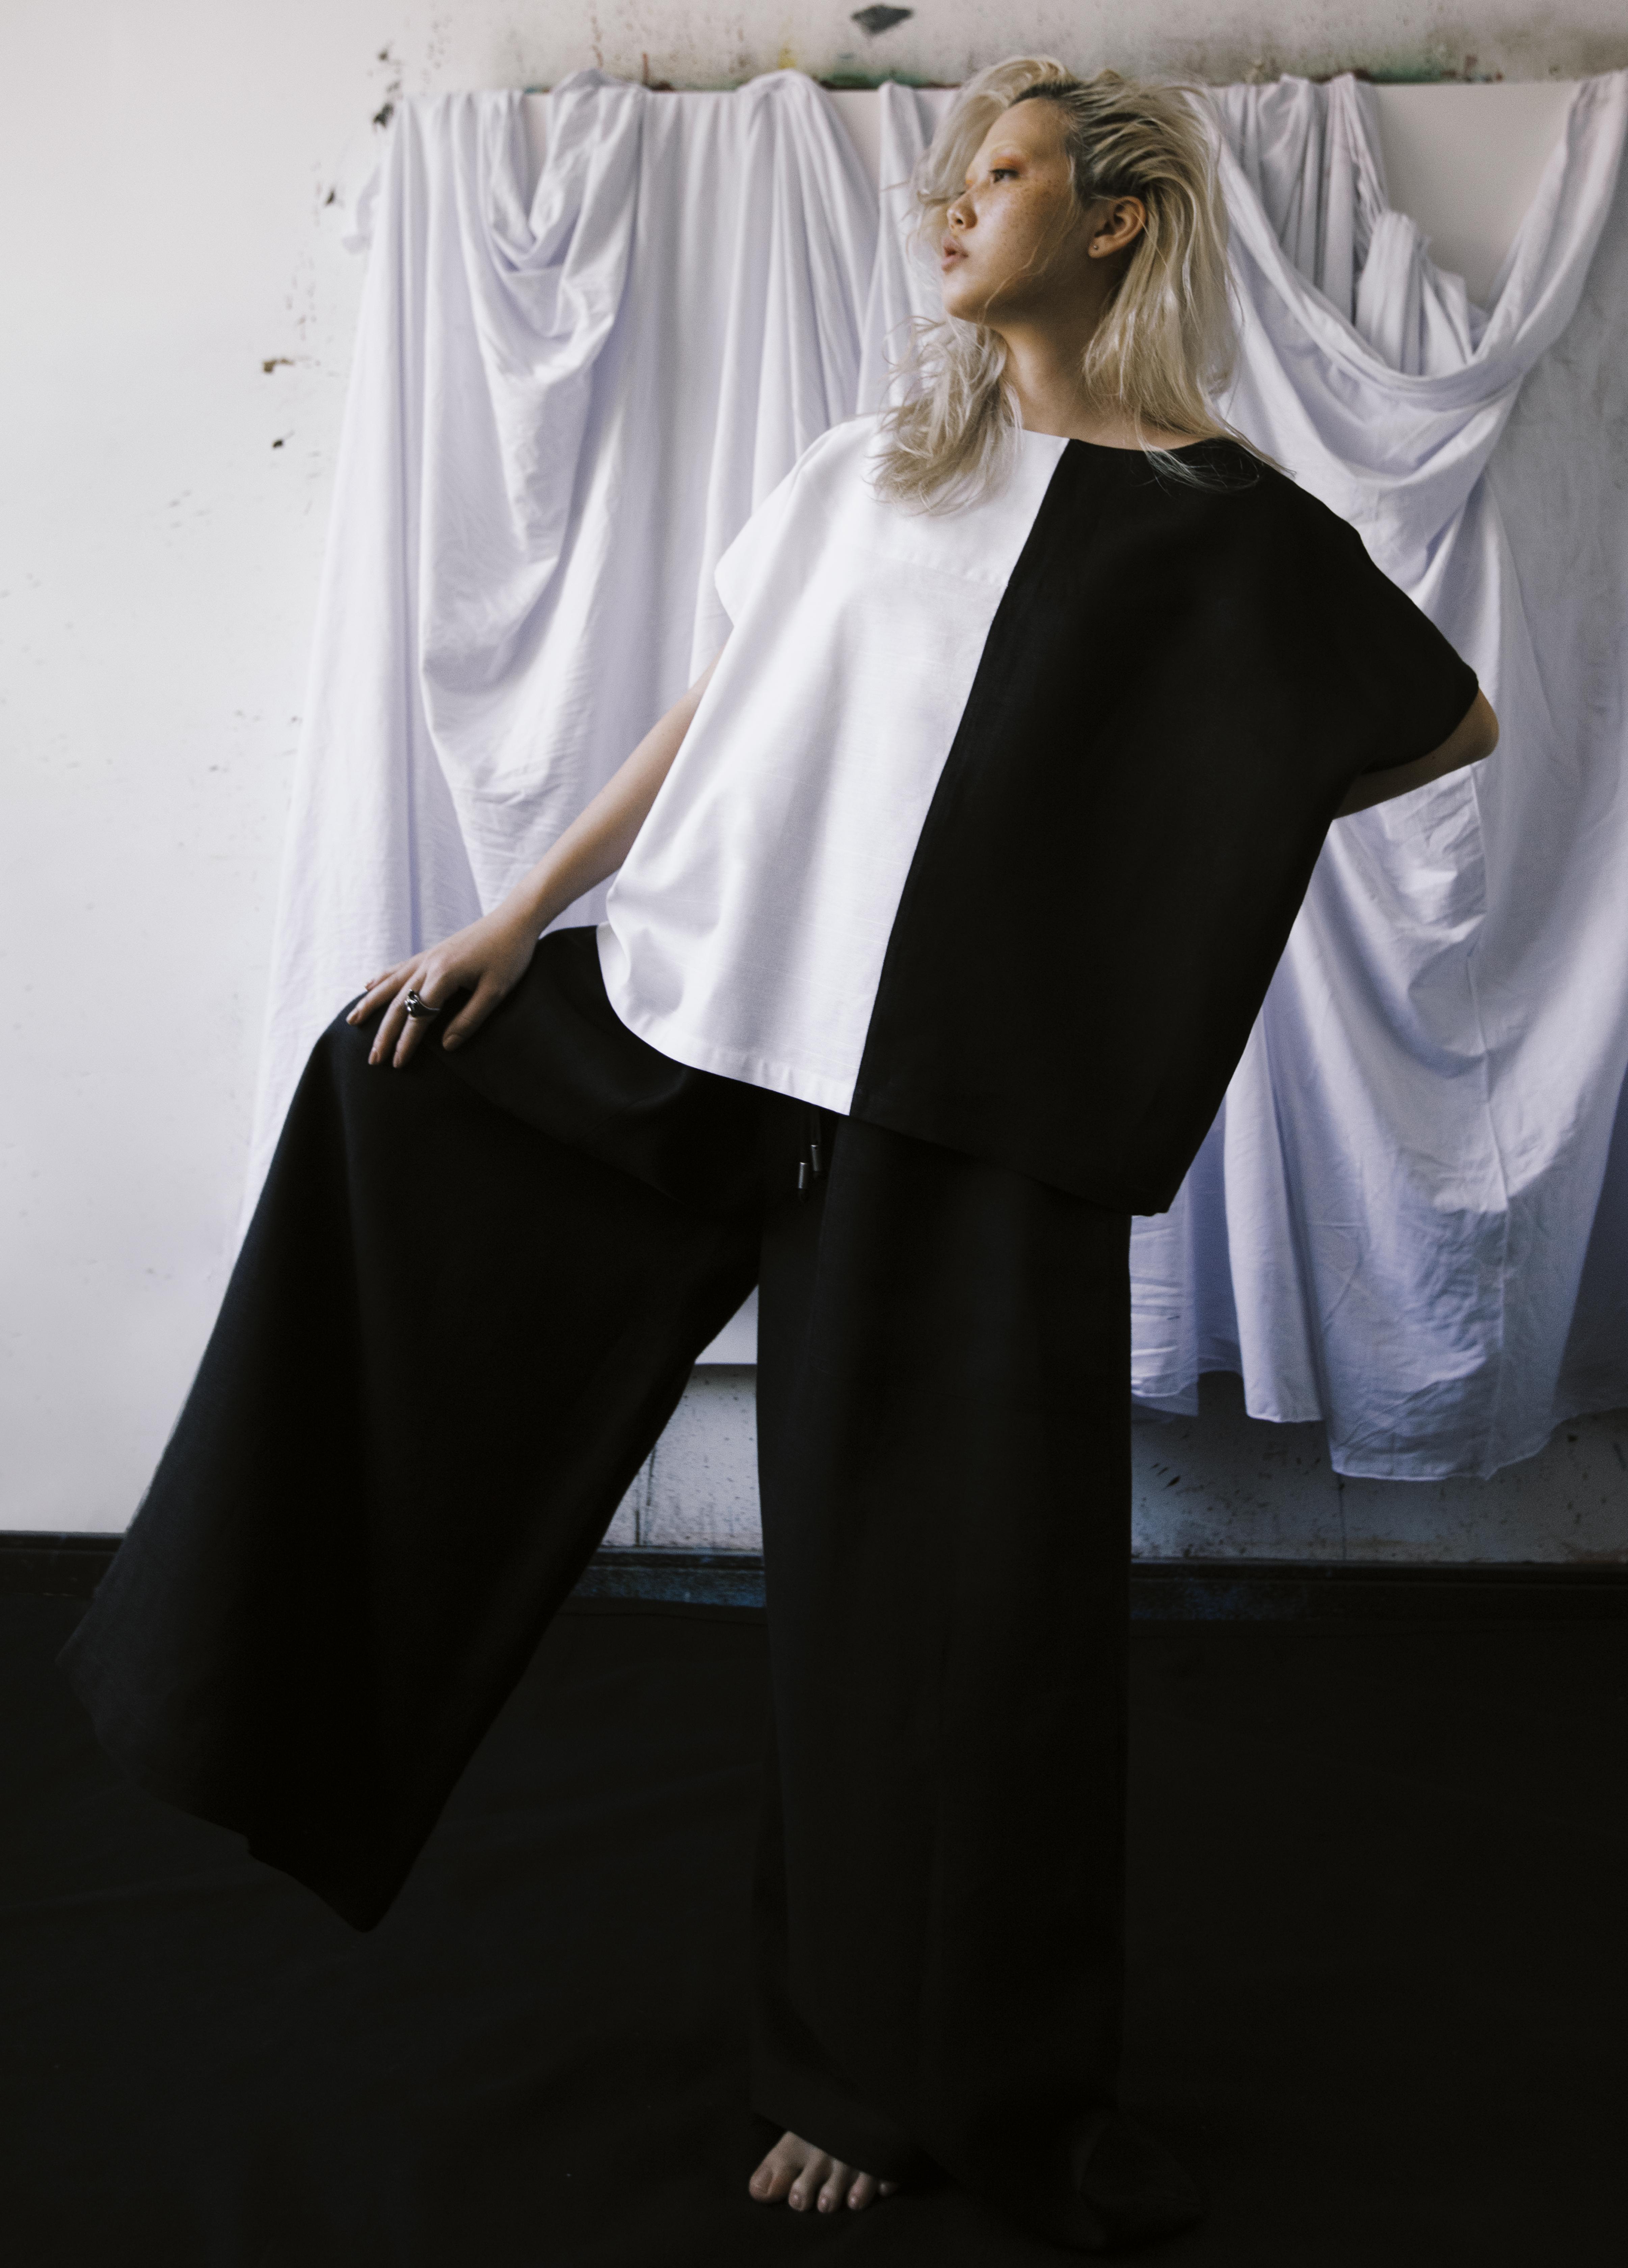 modelo vestindo camisa preta e branca e calça preta num fundo branco